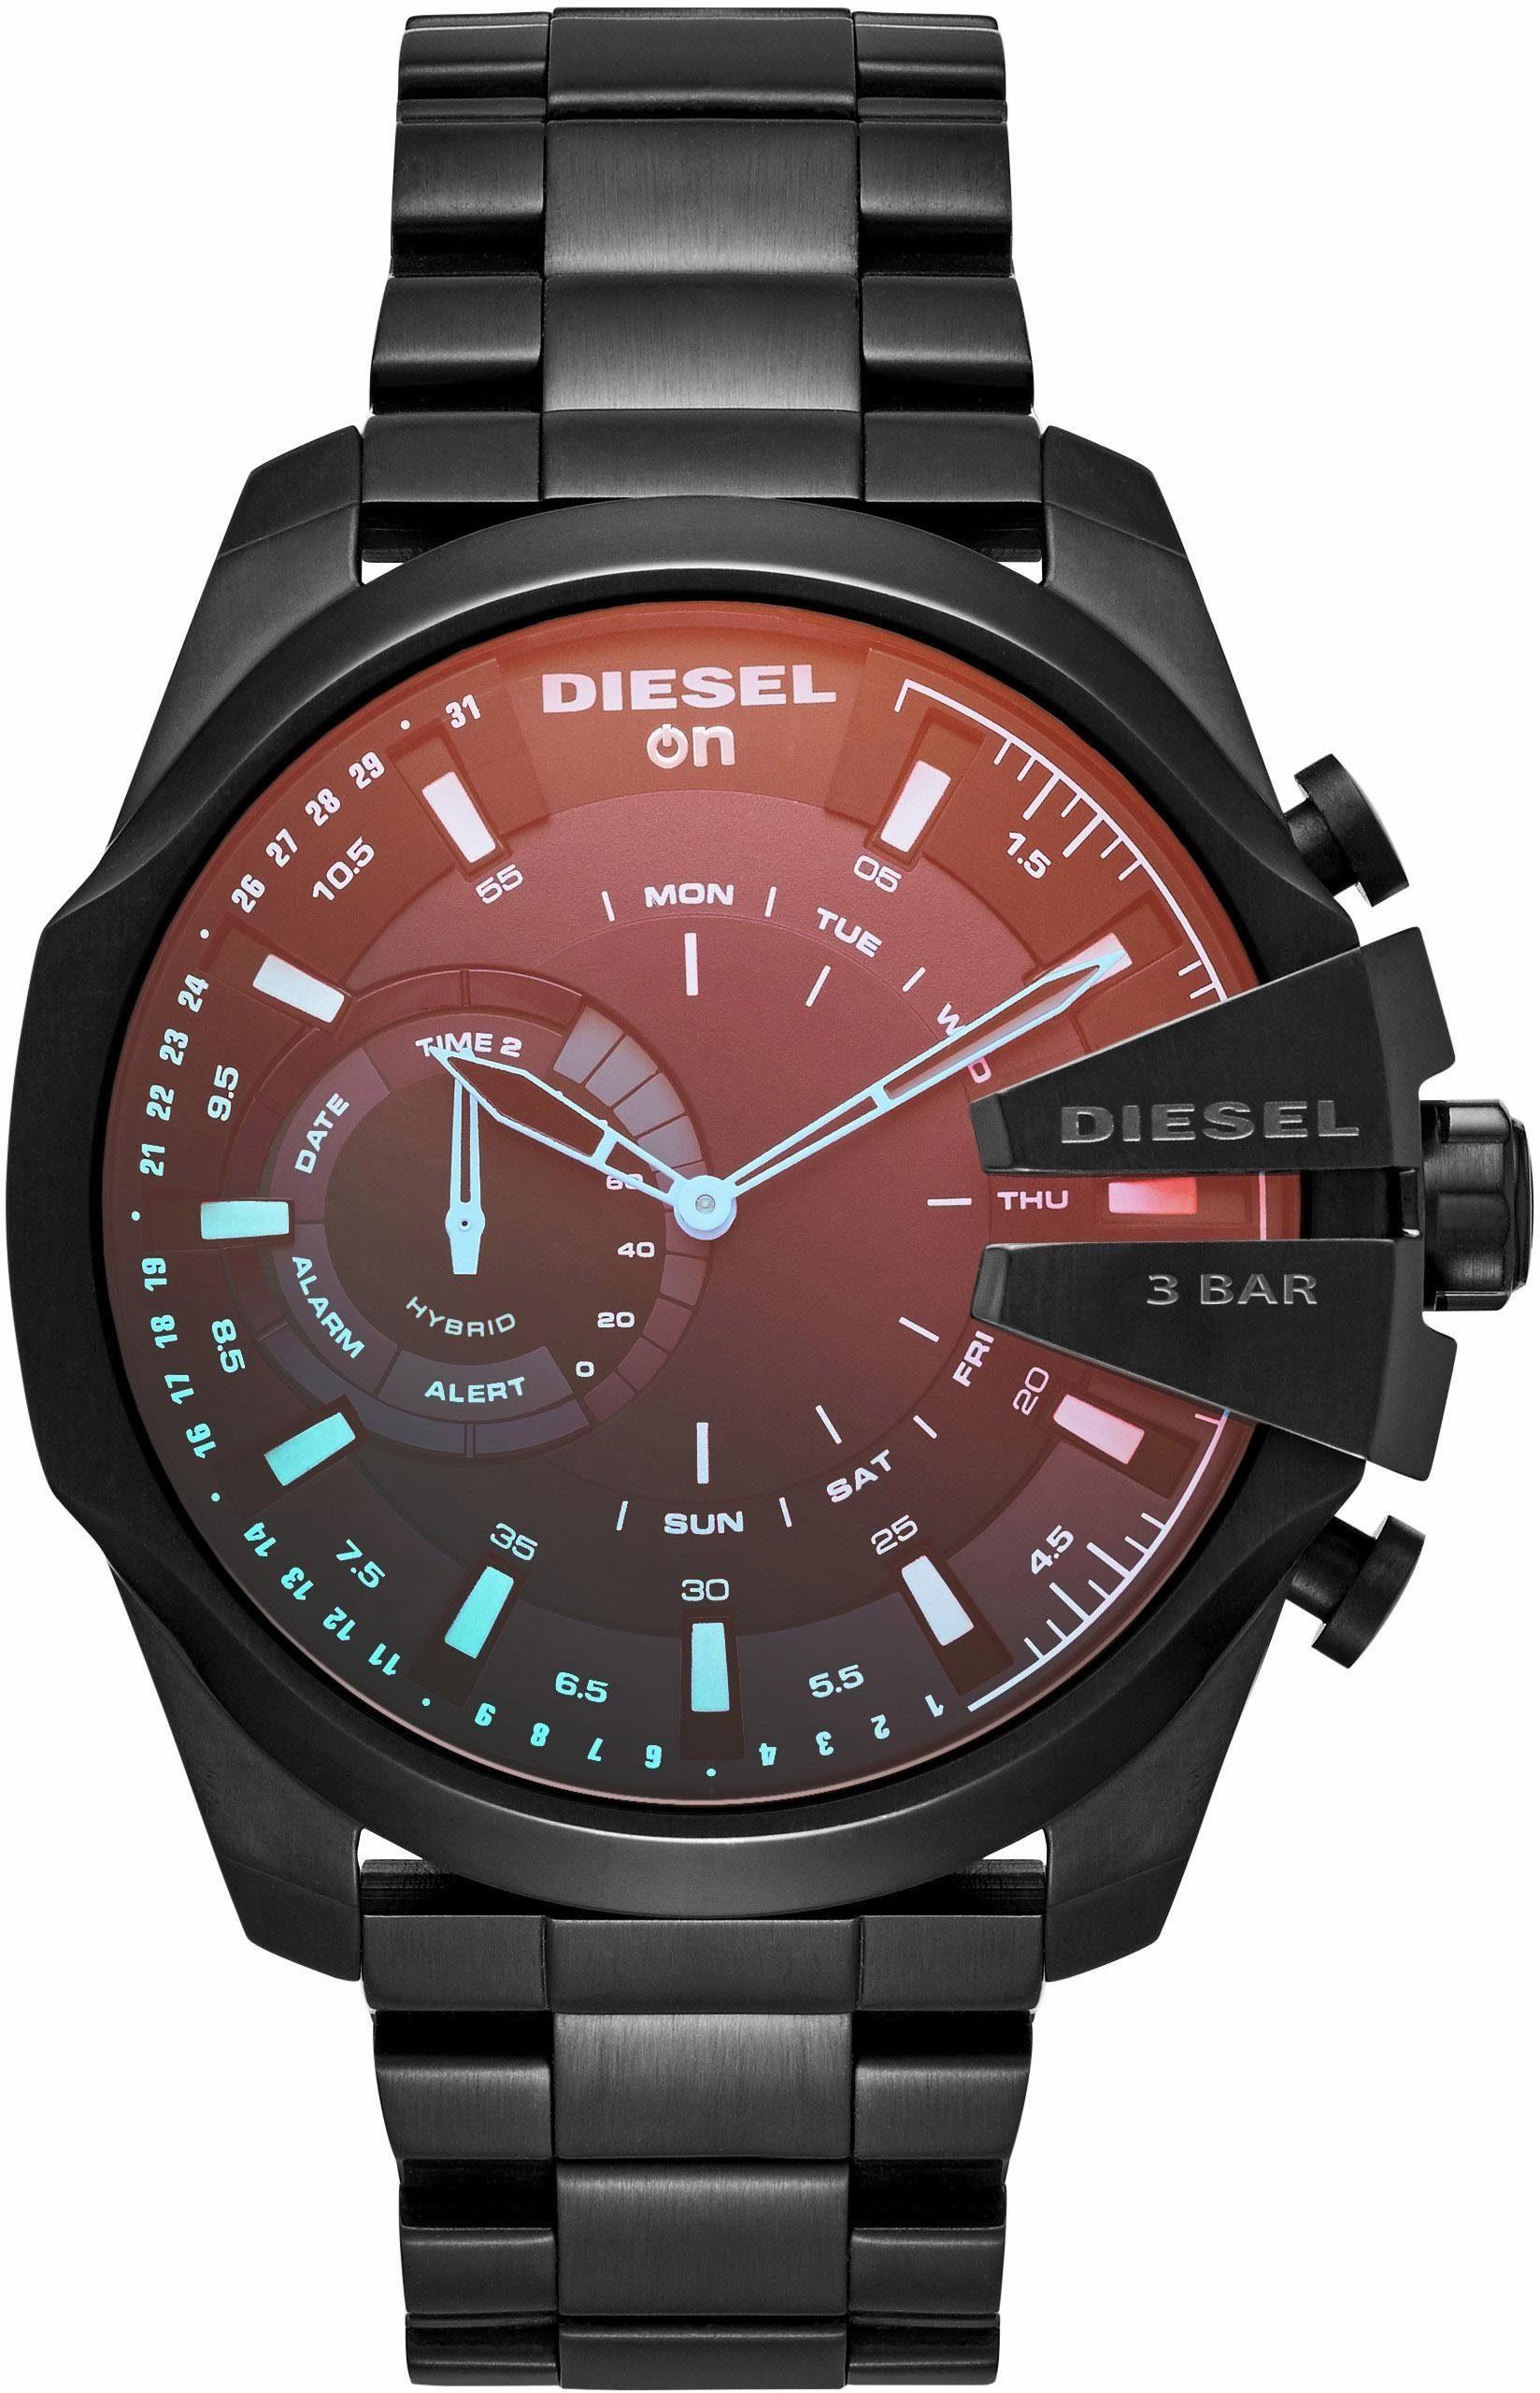 DIESEL ON MEGACHIEF, DZT1011 Smartwatch (Android Wear)